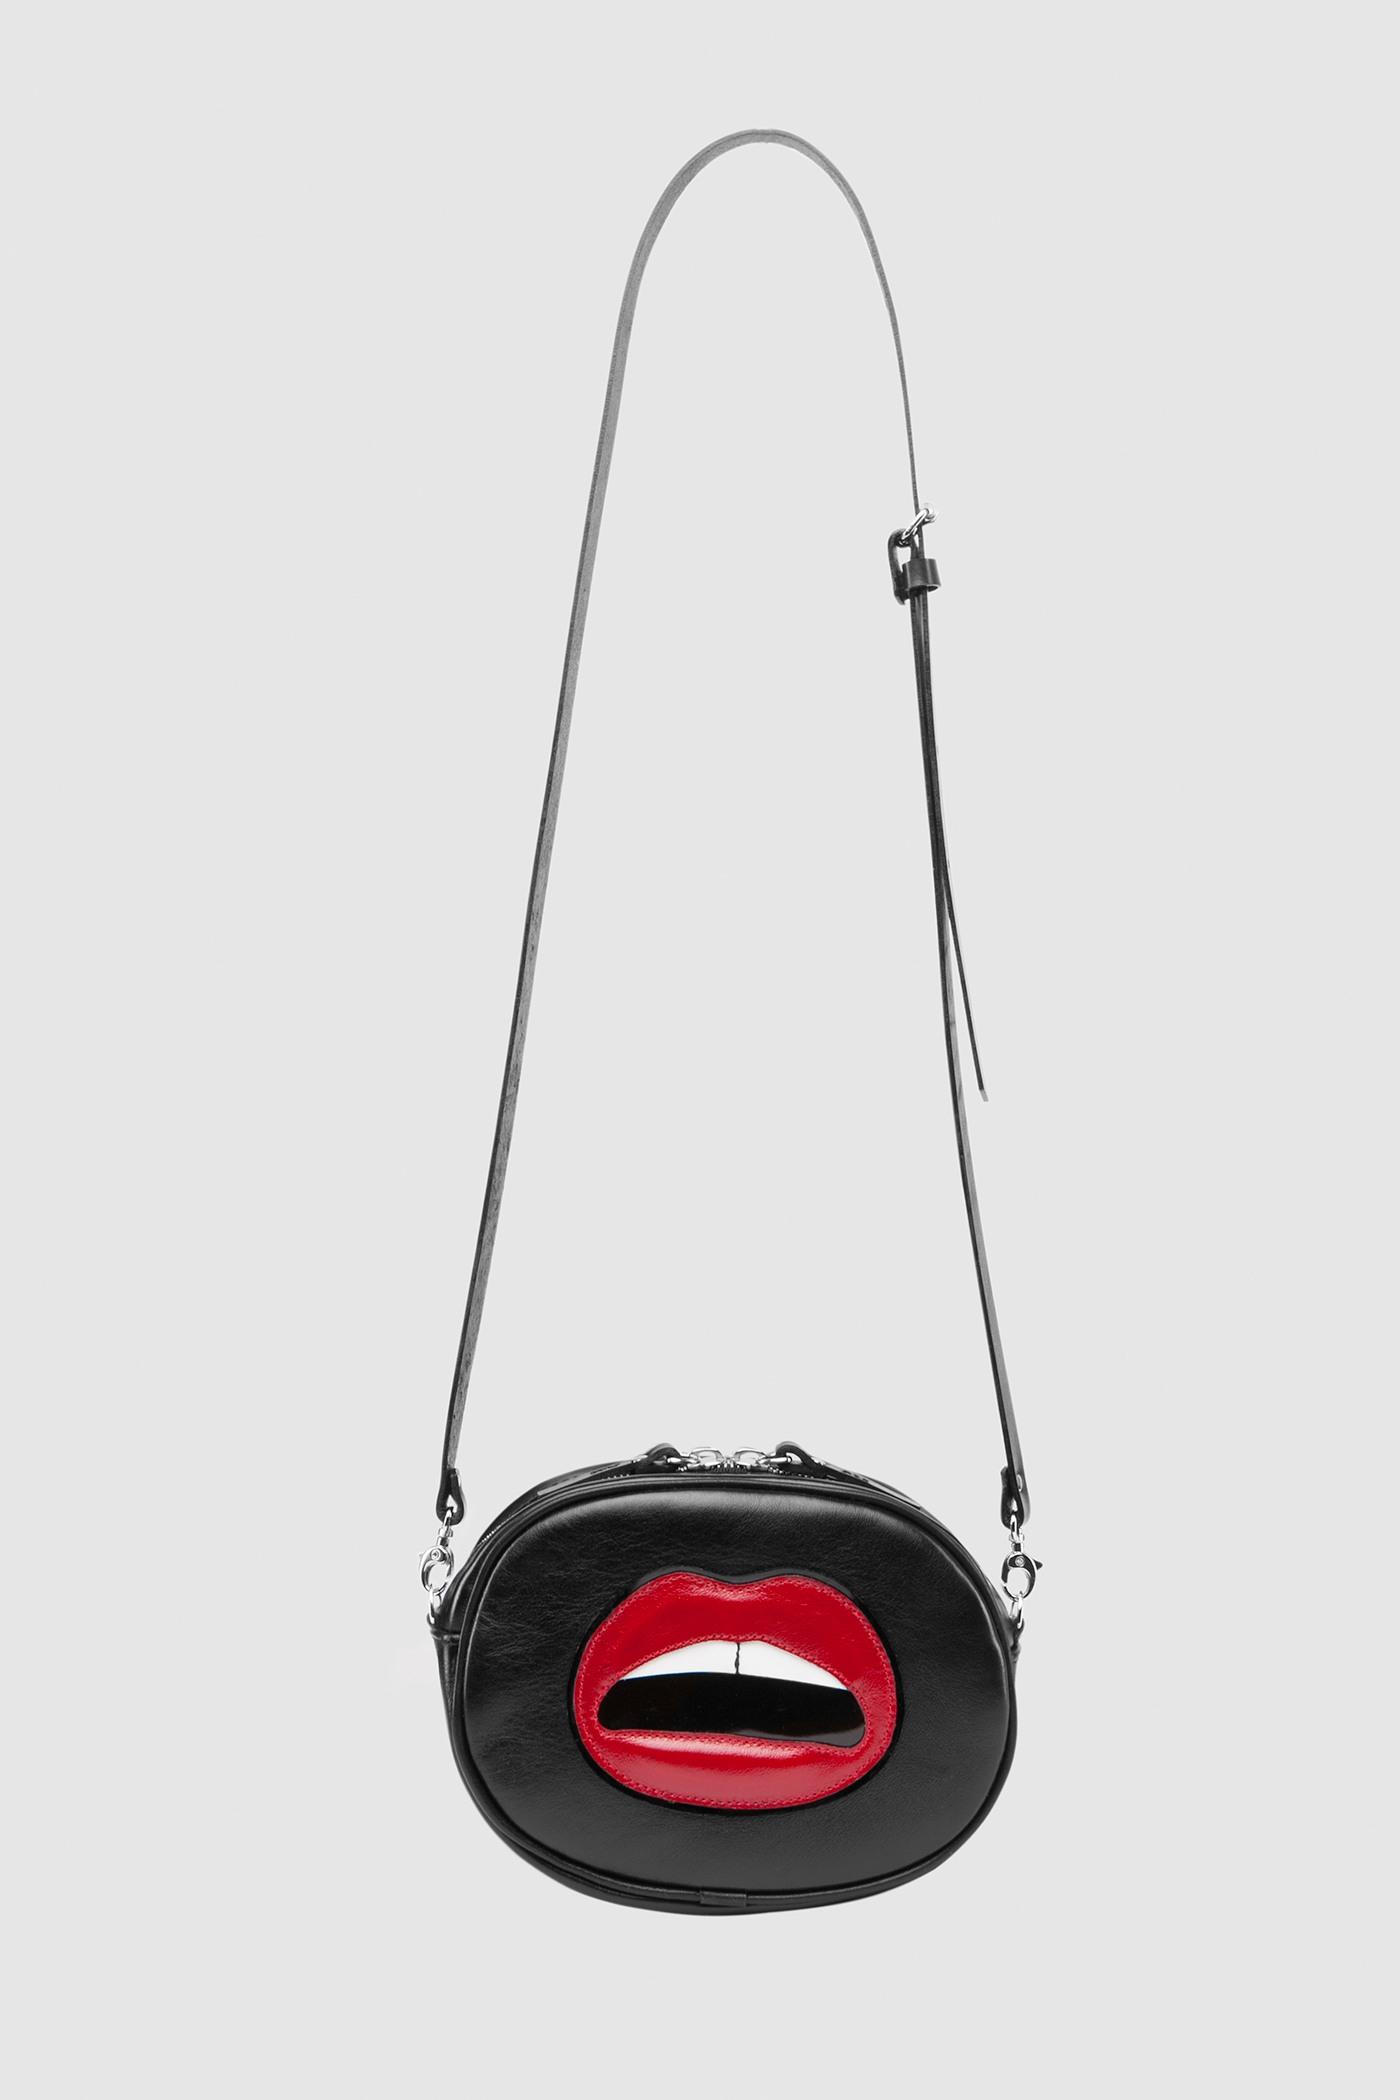 Сумка «Crazy chic»Овальная сумка из мягкой натуральной кожи на молнии с серебряной фурнитурой и цветной аппликацией. Внутреннее отделение на подкладке. Несмотря на небольшие размеры, сумка очень вместительная. Съемный регулируемый ремешок через плечо.&#13;<br>&#13;<br>Кожа: КРС.&#13;<br>&#13;<br>Размеры&#13;<br>Высота: 12,5 см&#13;<br>Длина: 16,6 см&#13;<br>Глубина: 5 см&#13;<br>Высота ремешка: max 120 - min 70 см<br><br>Цвет: Черный